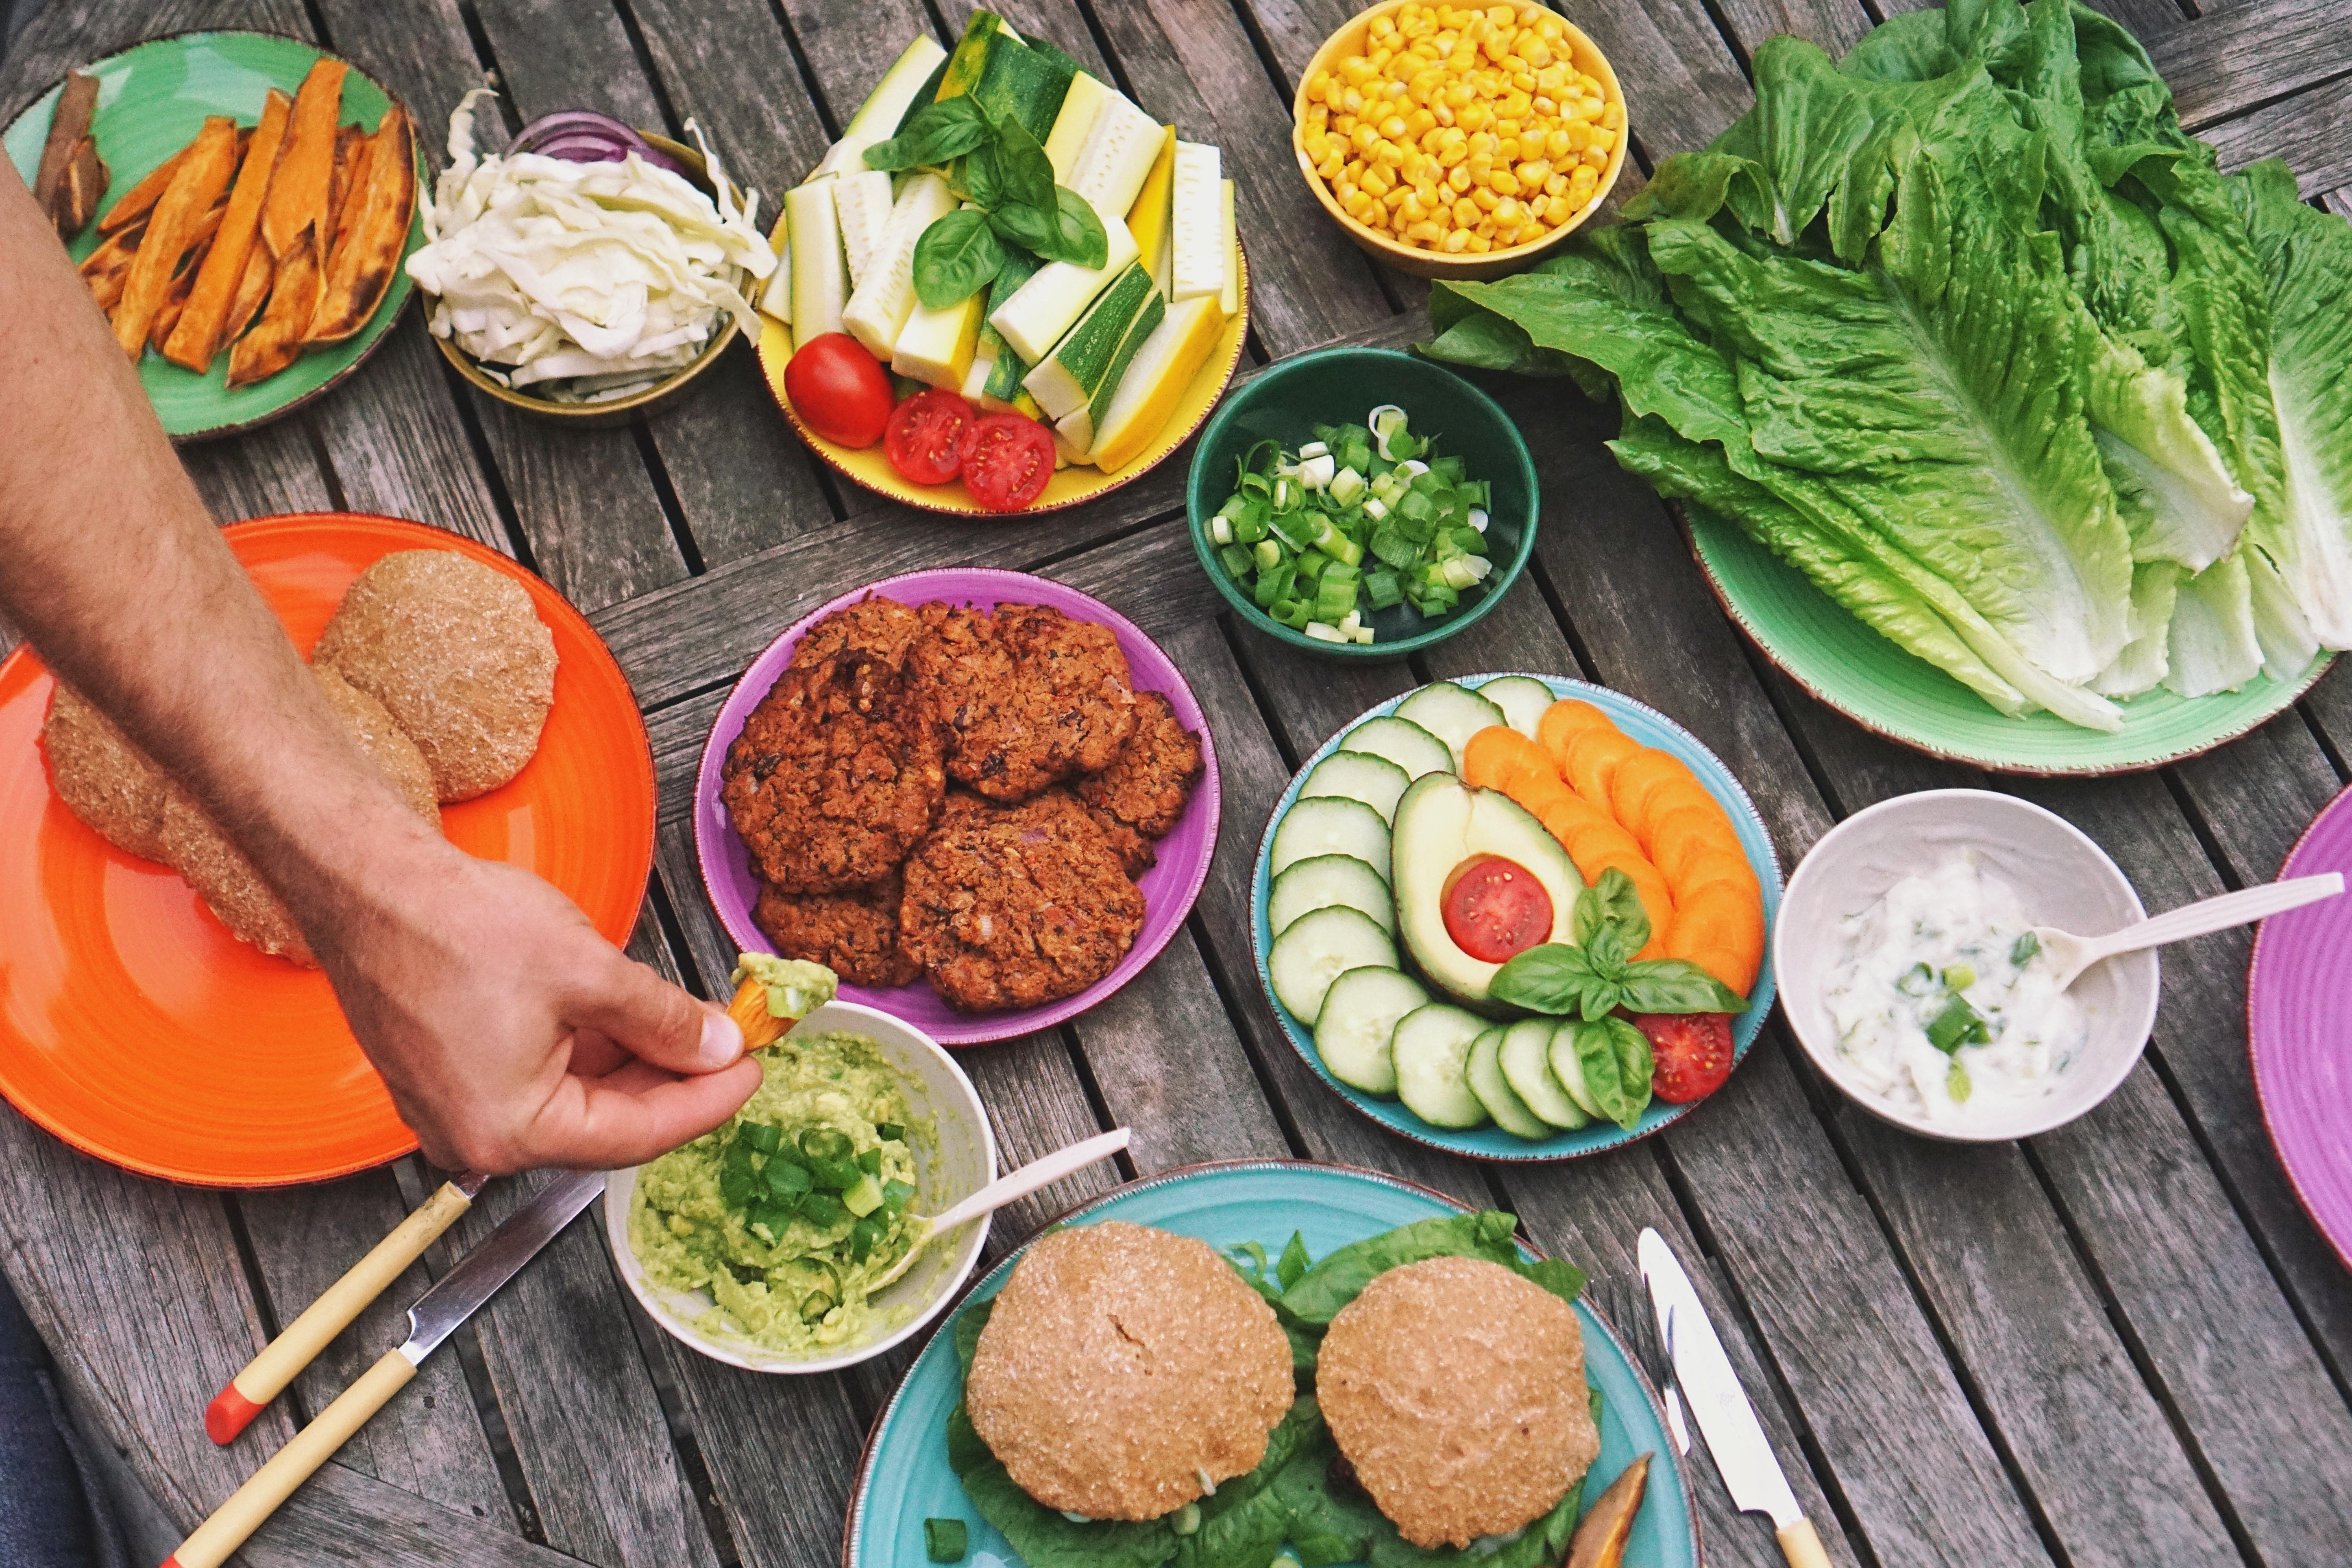 bunte Teller mit Gemüse und Salat und dazu Burger Brötchen und Burger.